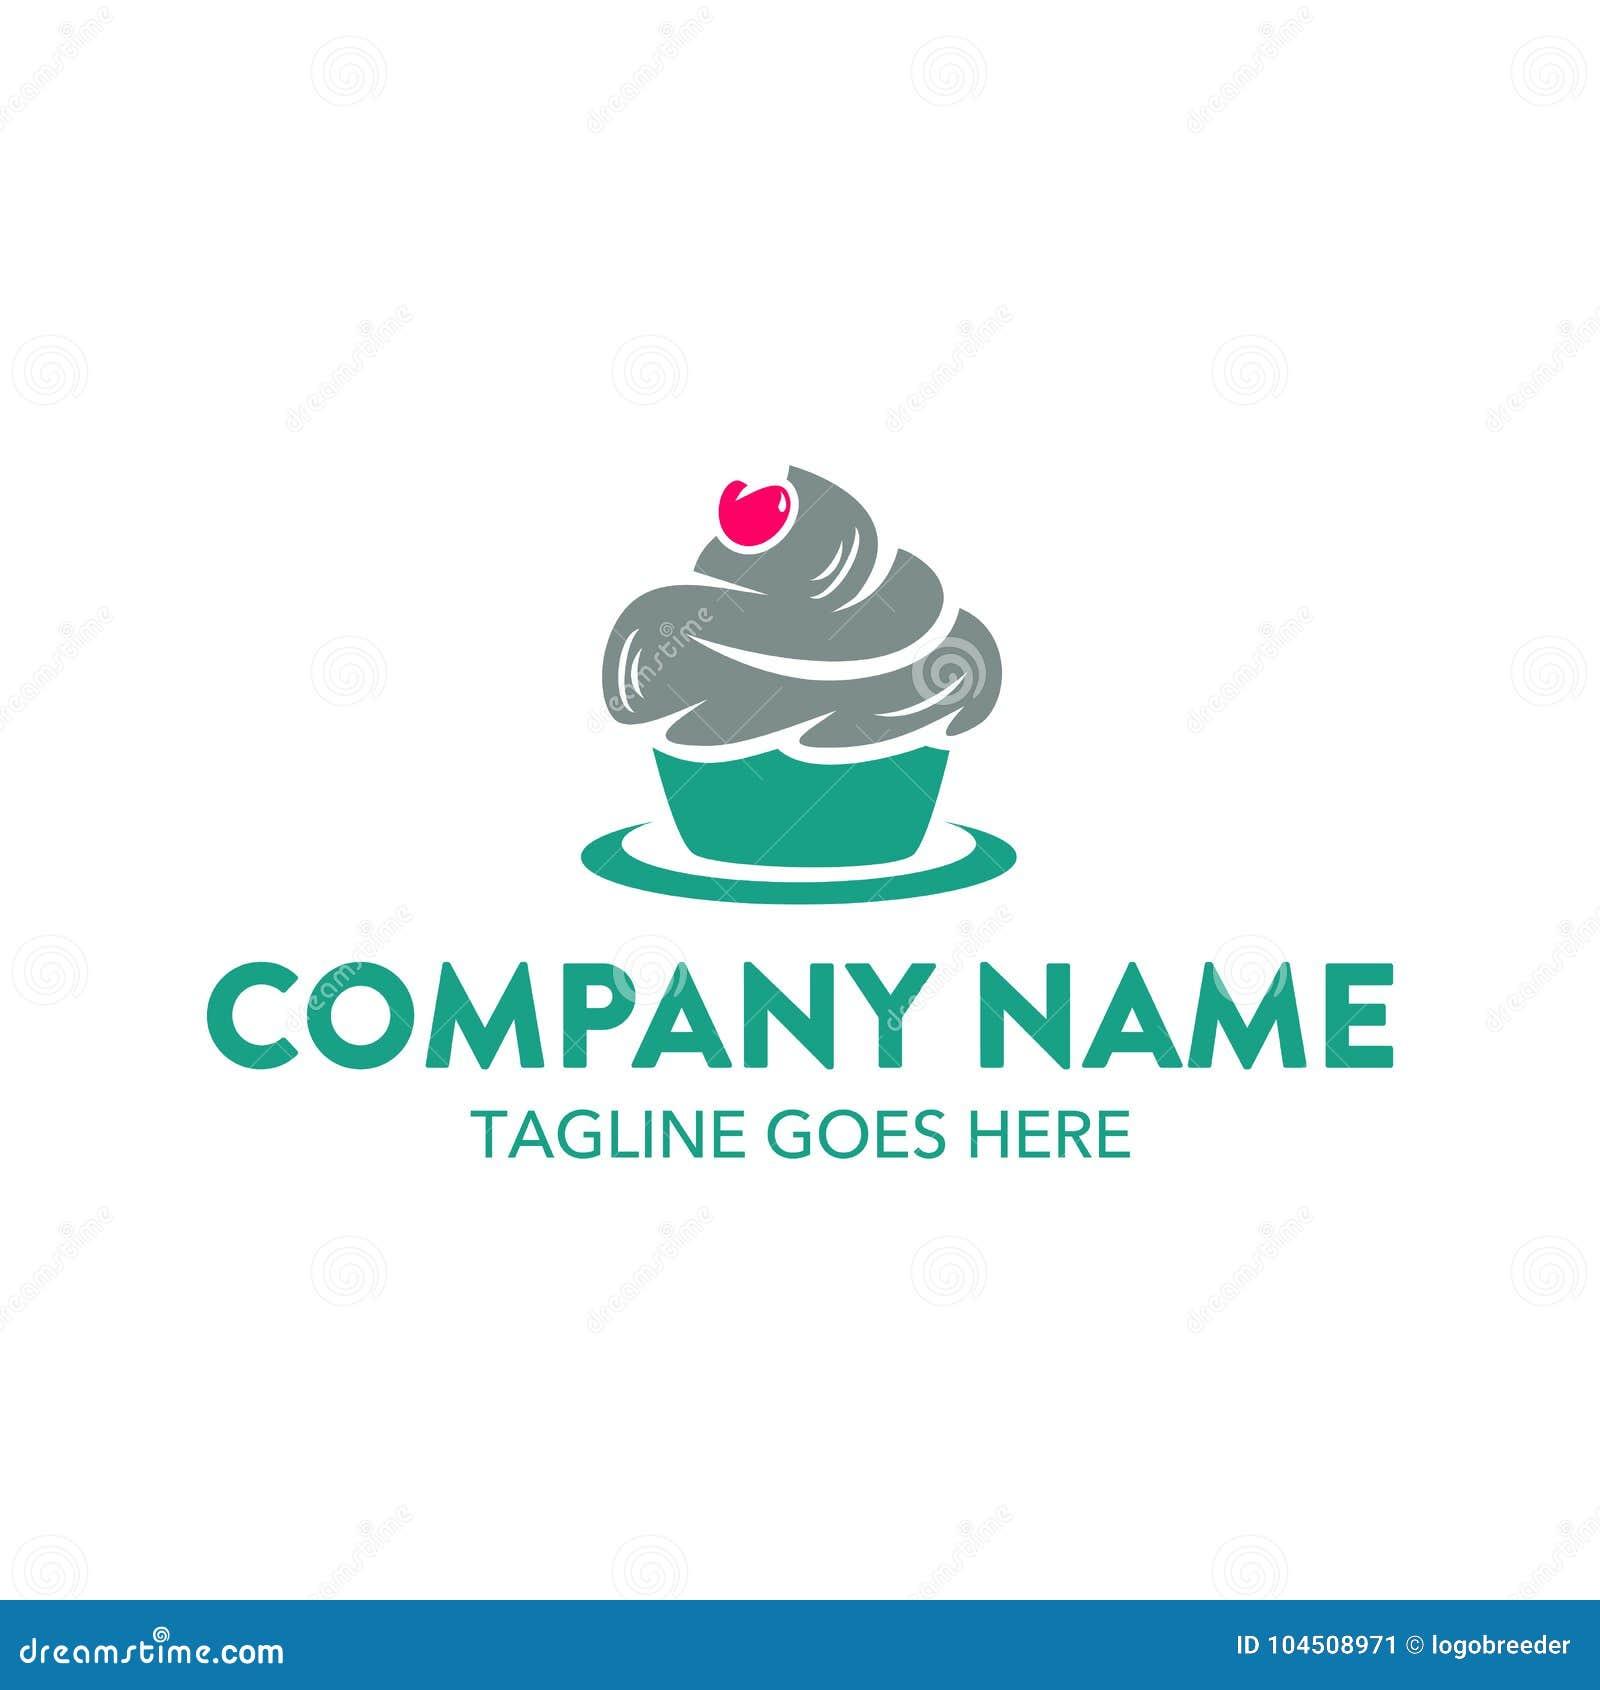 独特的蛋糕和曲奇饼商标模板 向量 编辑可能